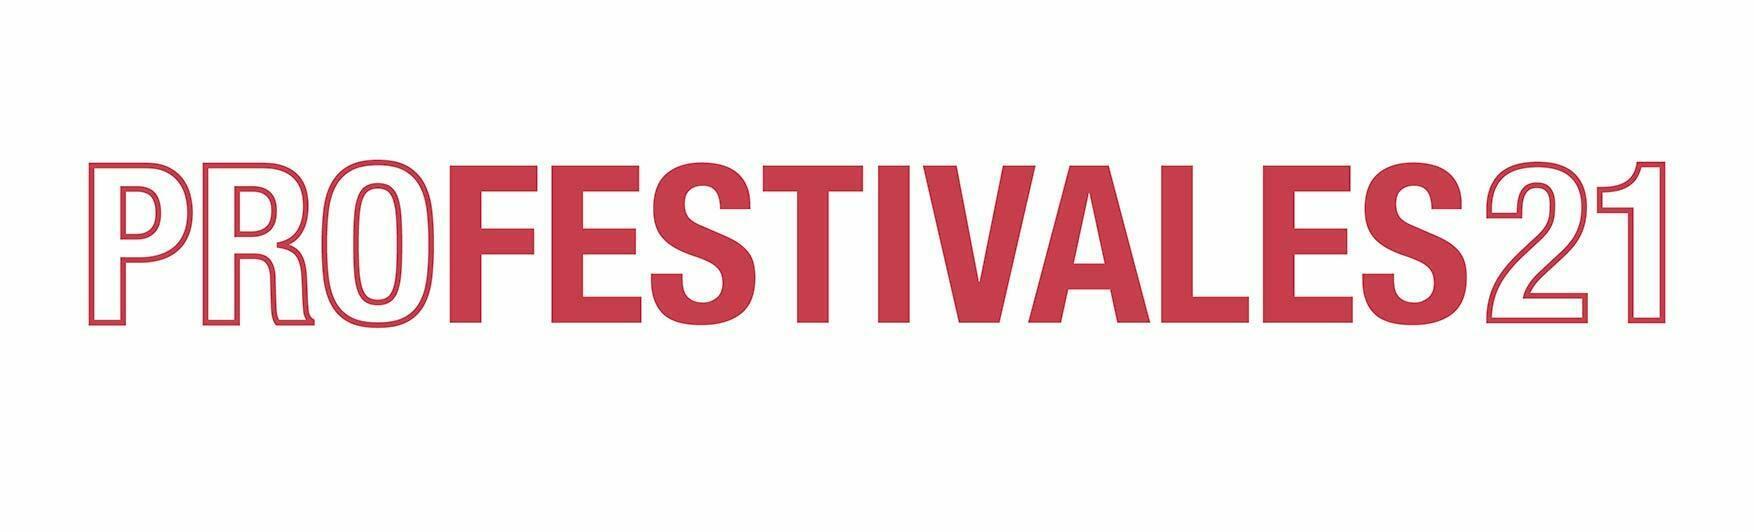 Los festivales de cine de Málaga, Sevilla y Huelva se unen para crear PROFESTIVALES21